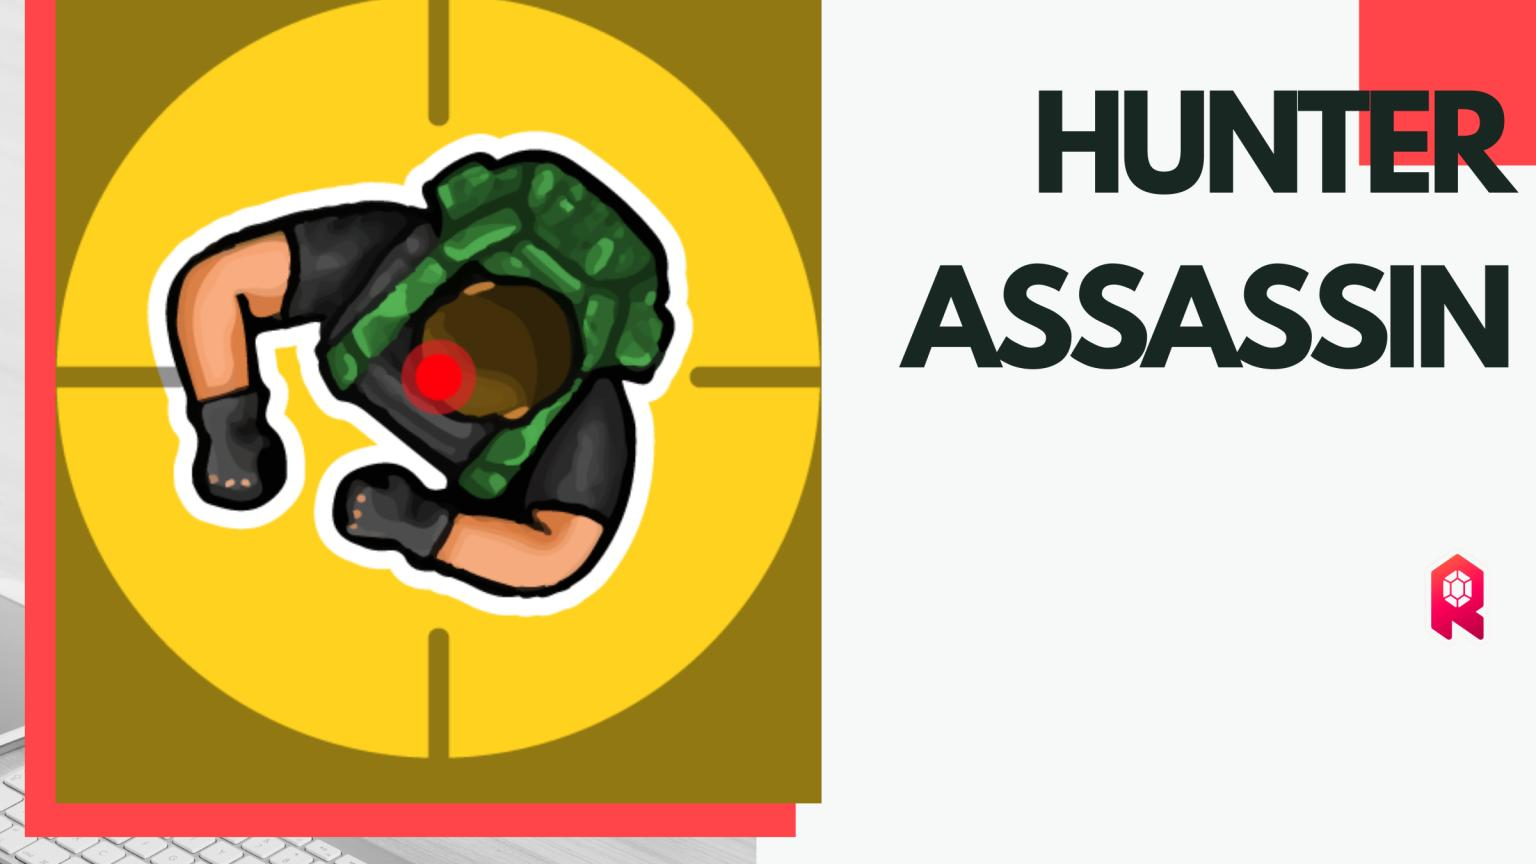 Загрузки игры Hunter Assassin превысили 50 млн.